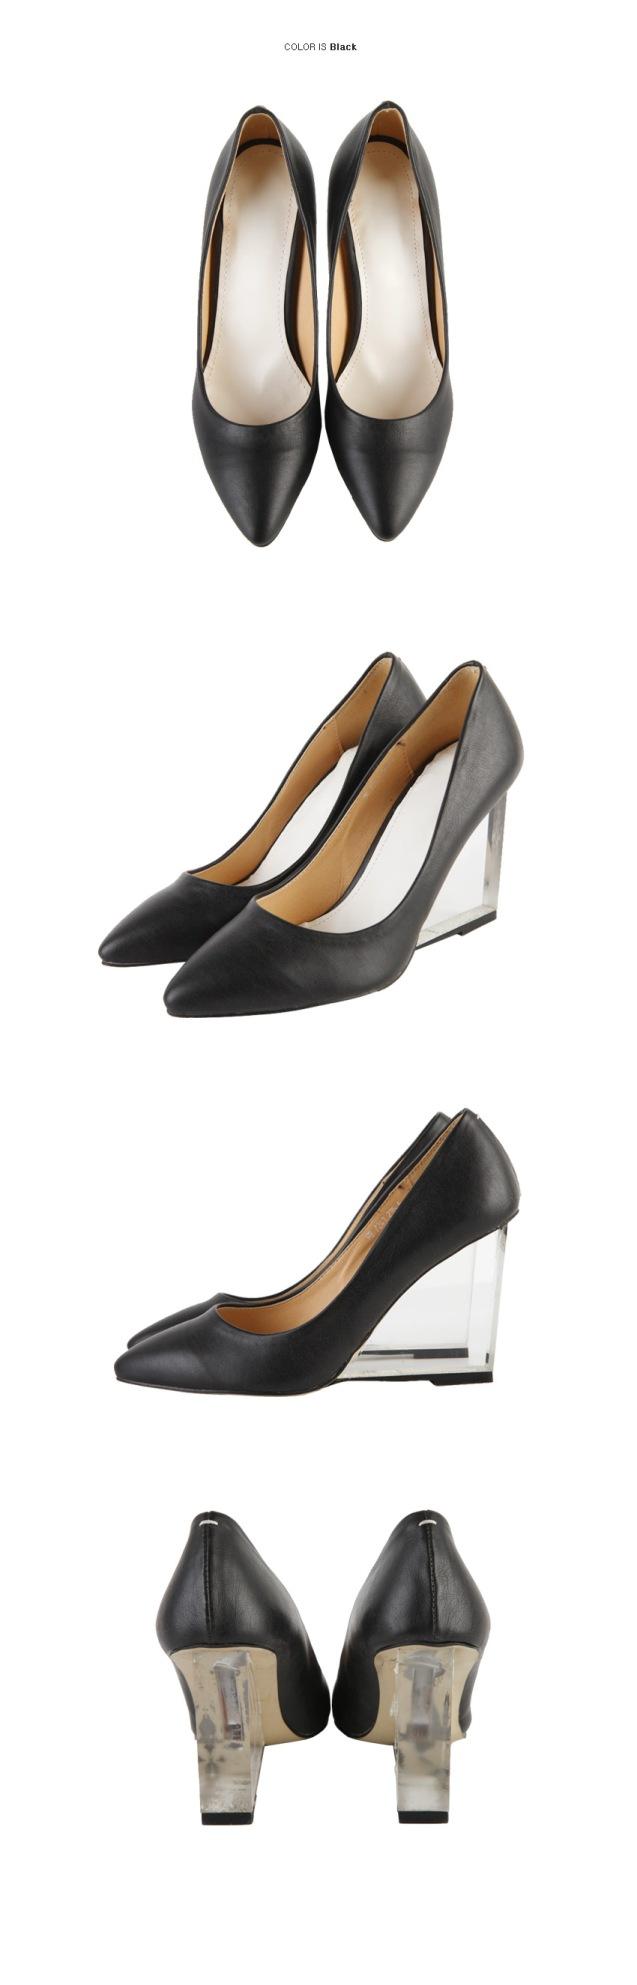 ham130201-1(shoes1)_en